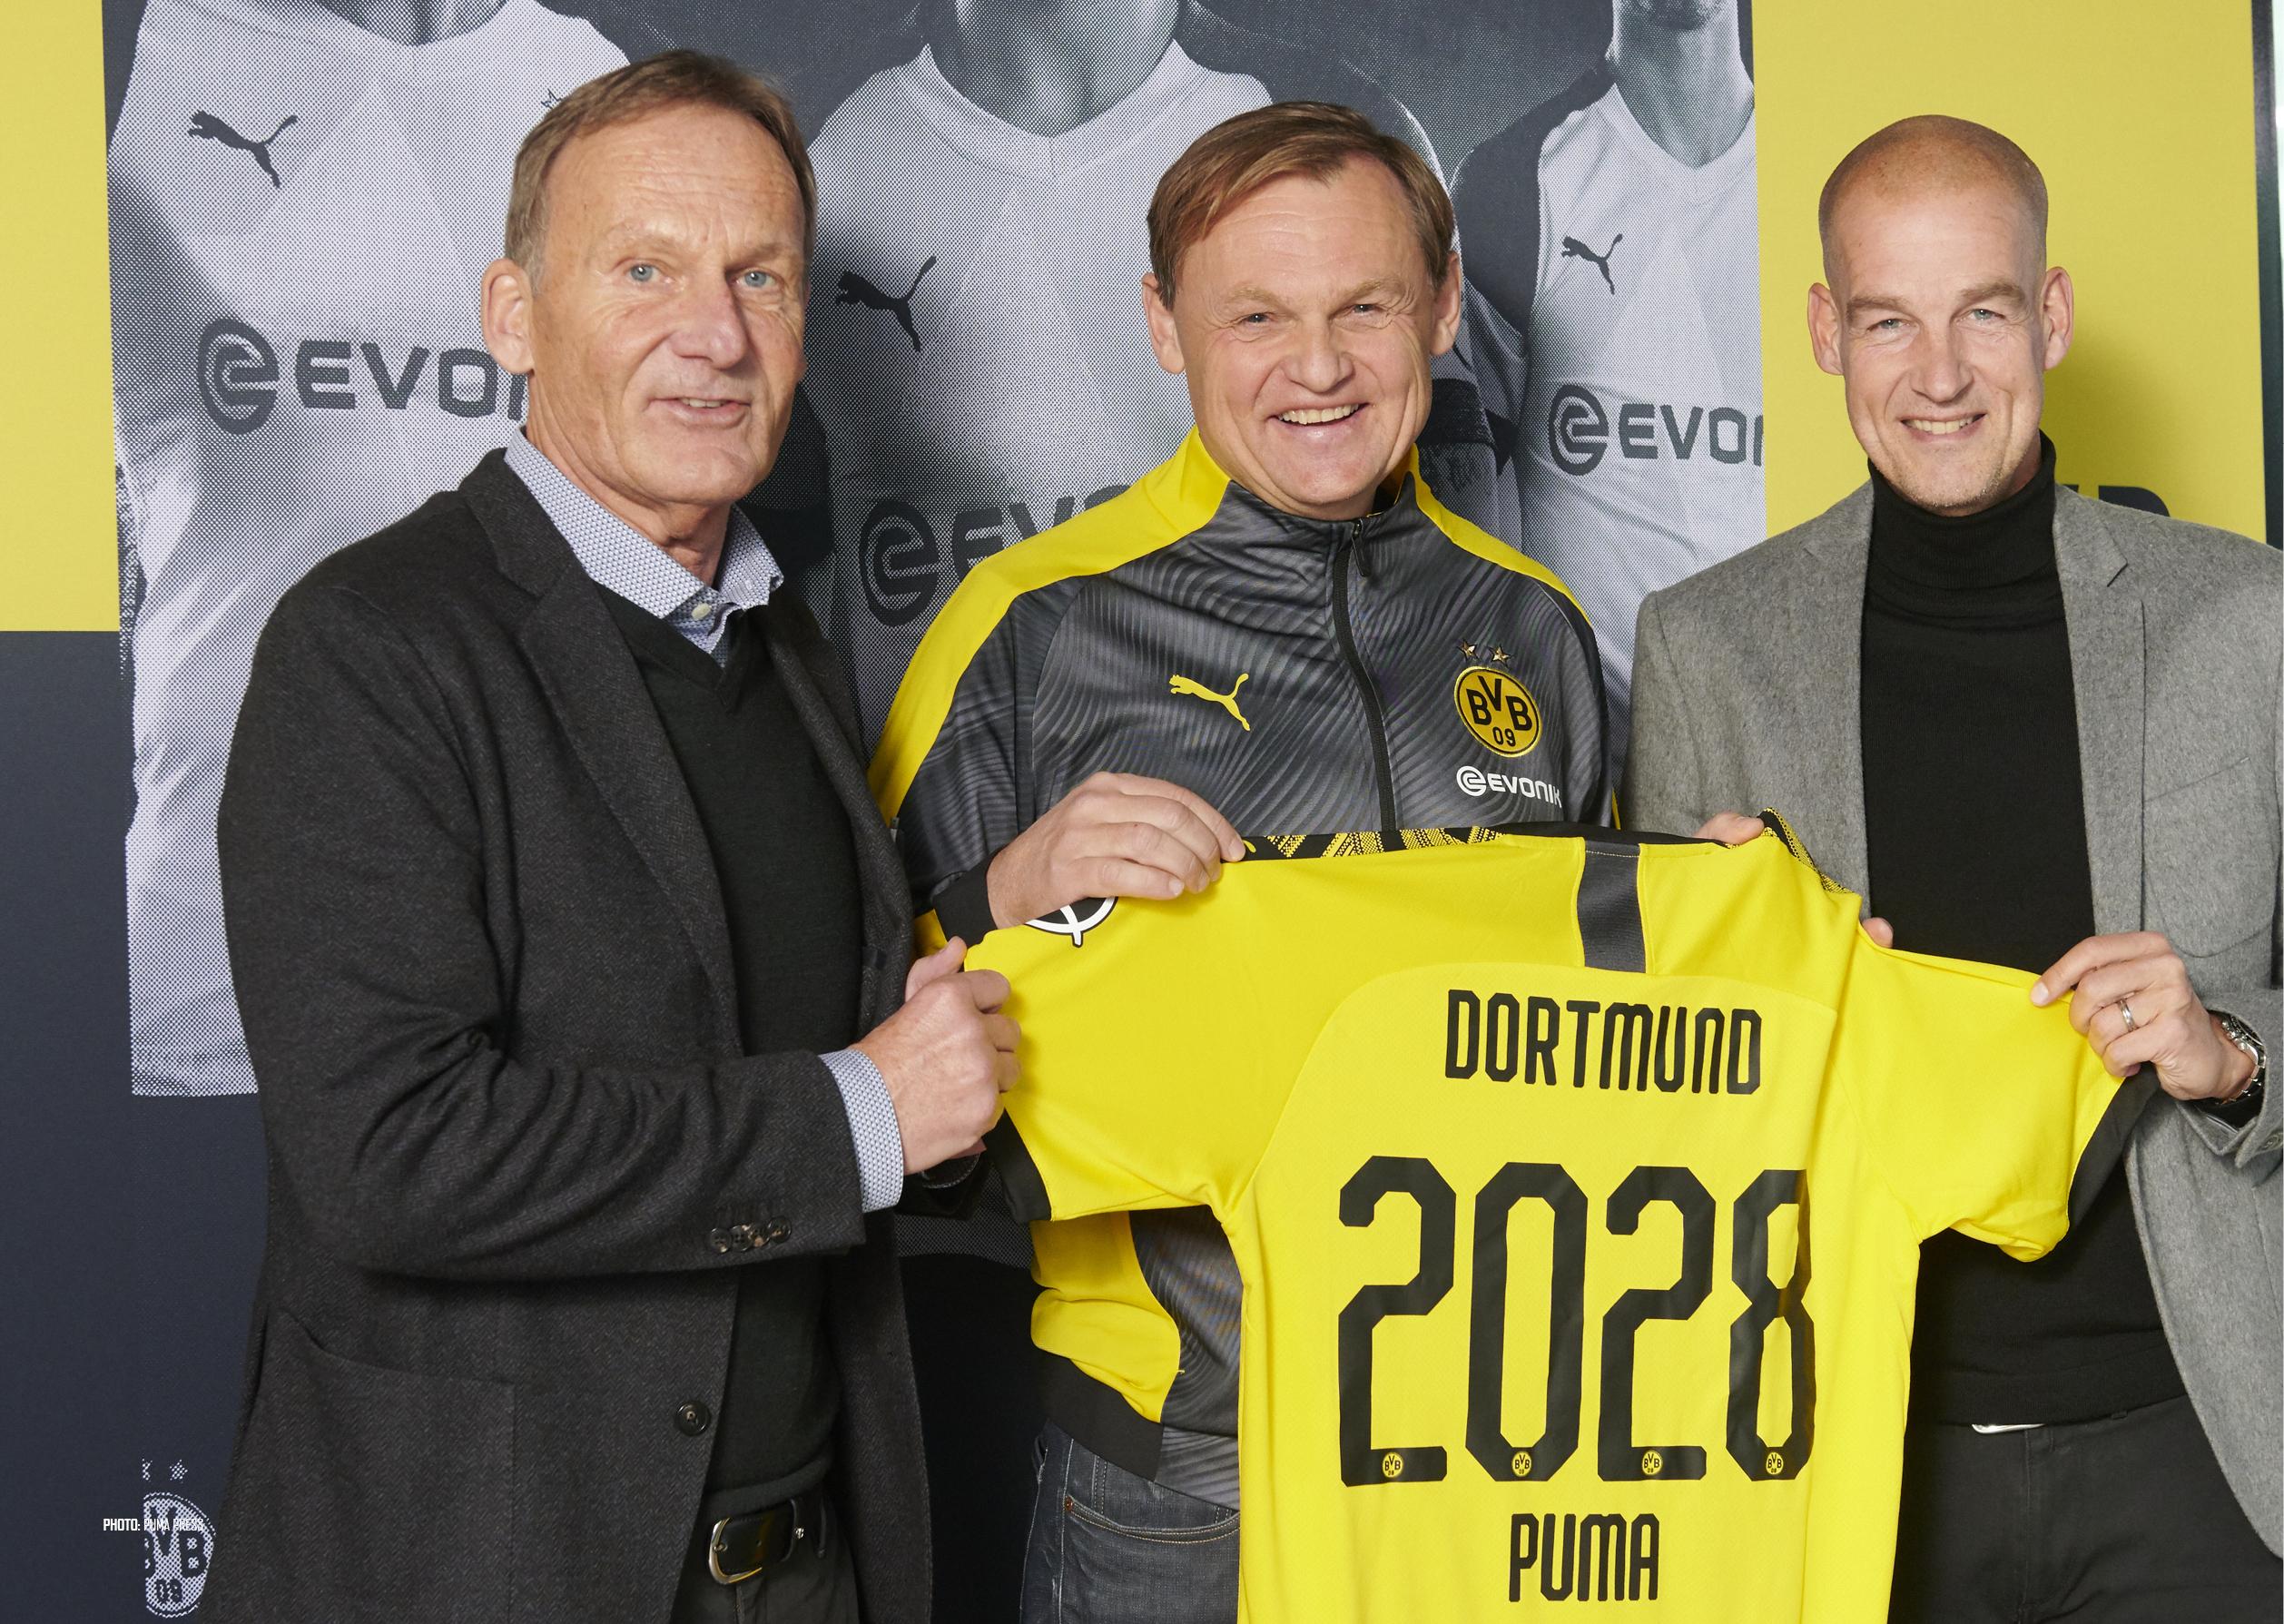 BVB Dortmund & Puma